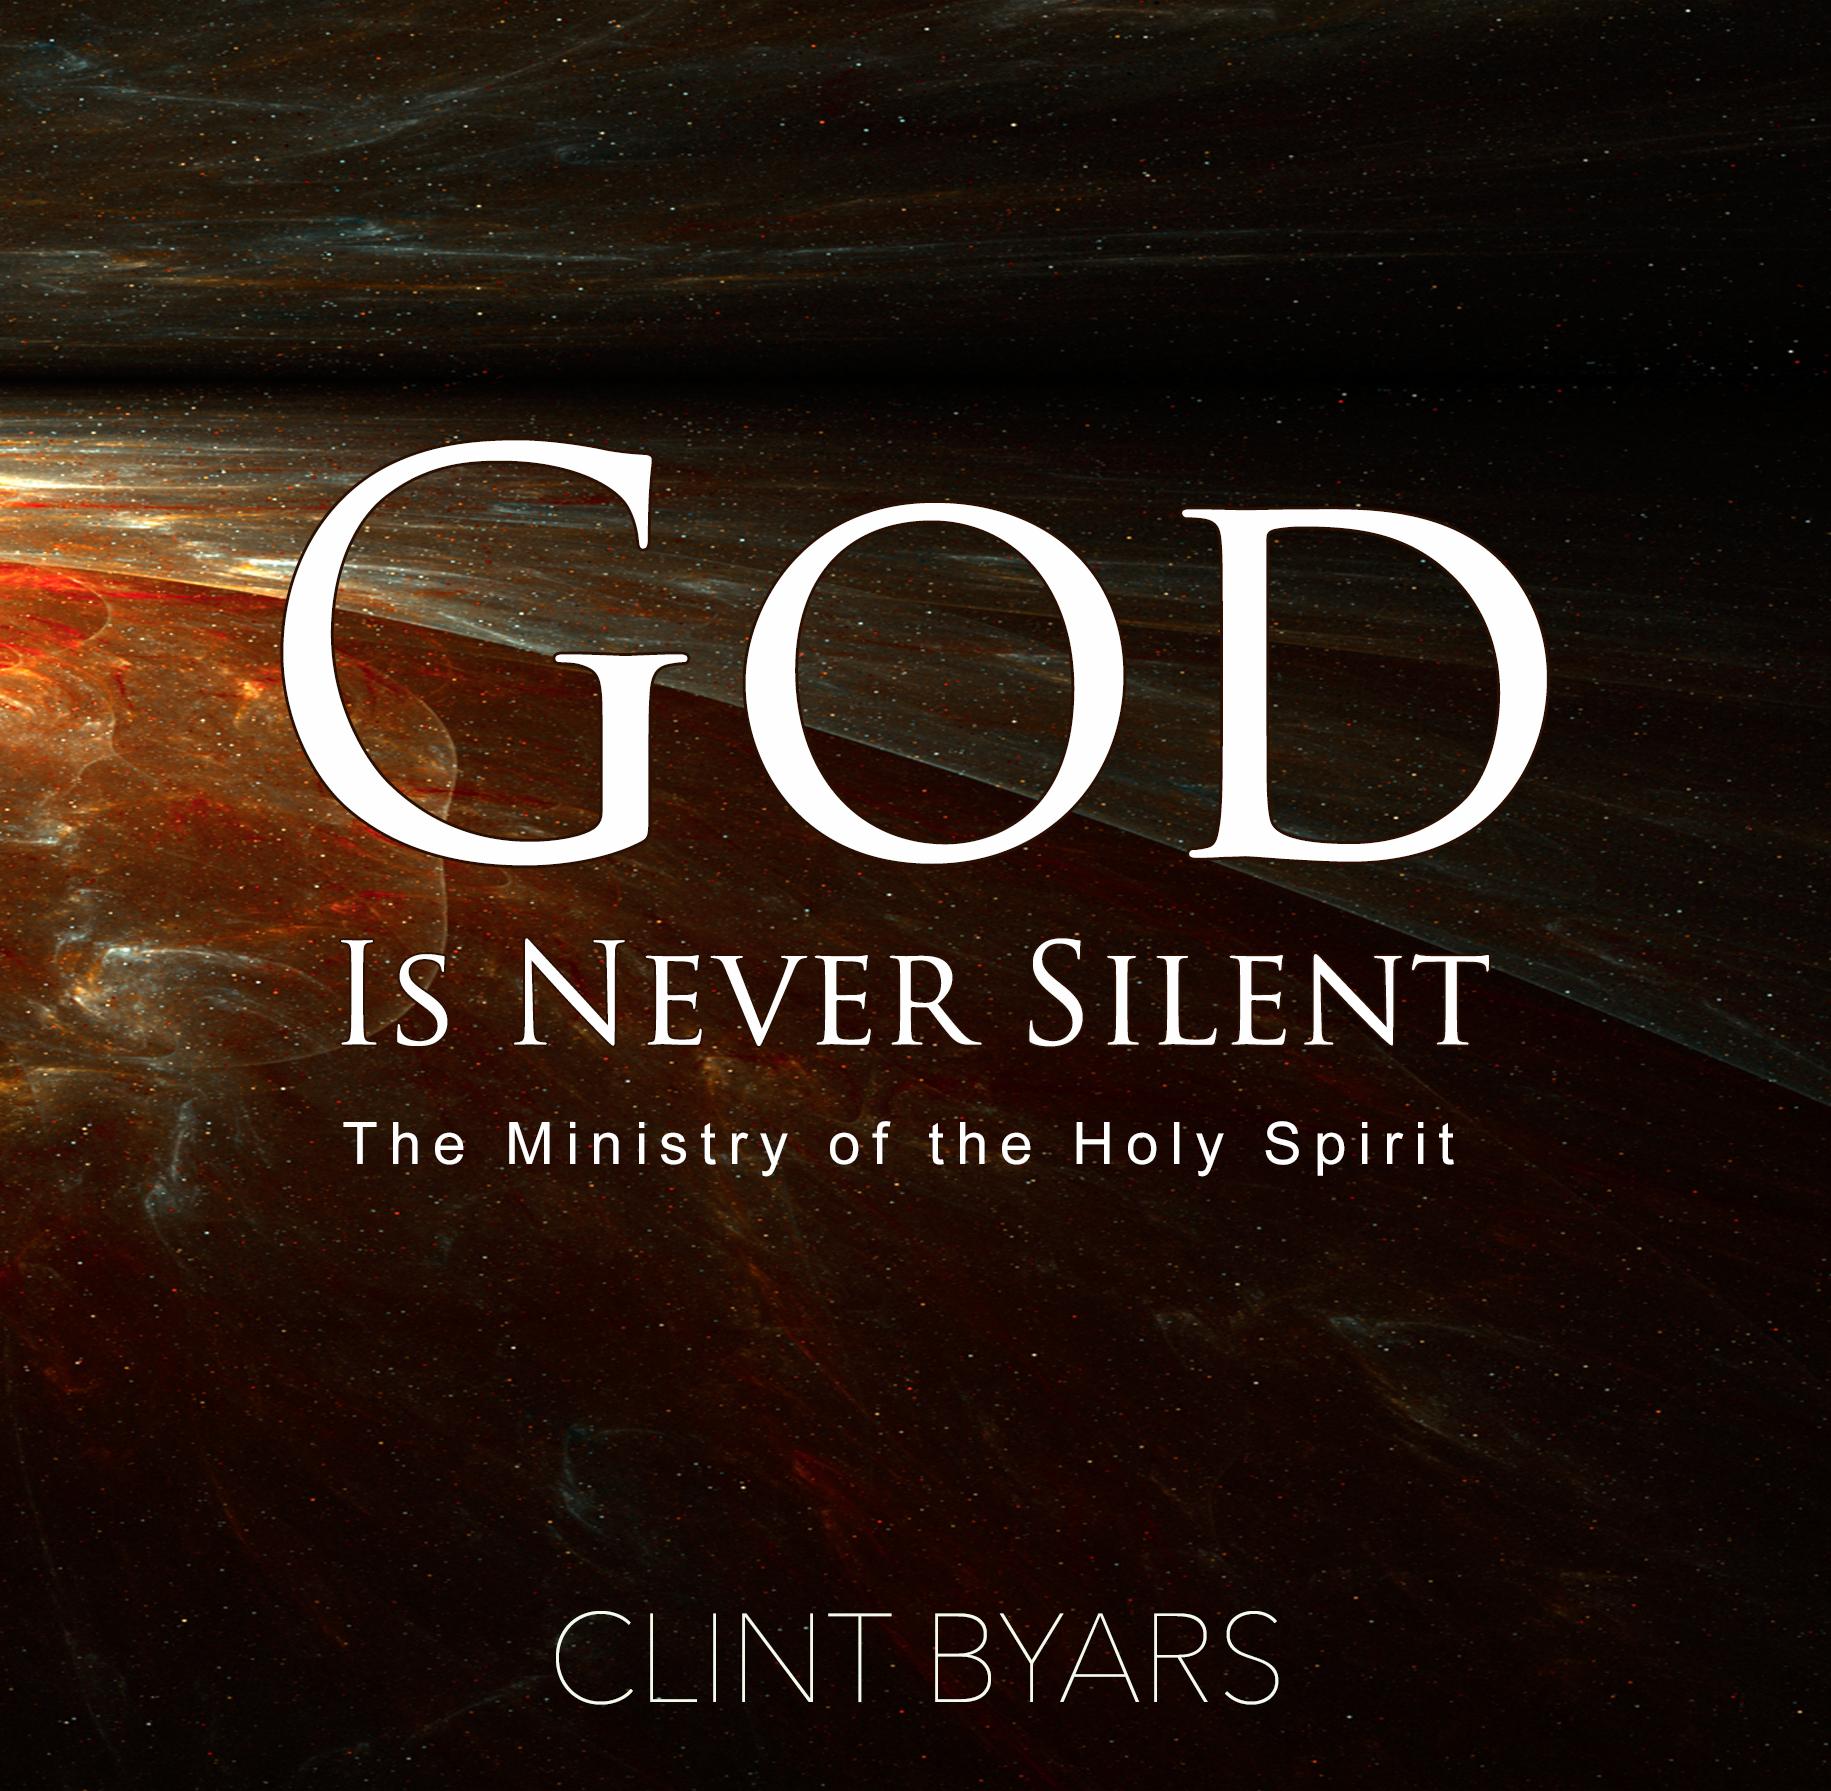 God Is Never Silent frnt.jpg